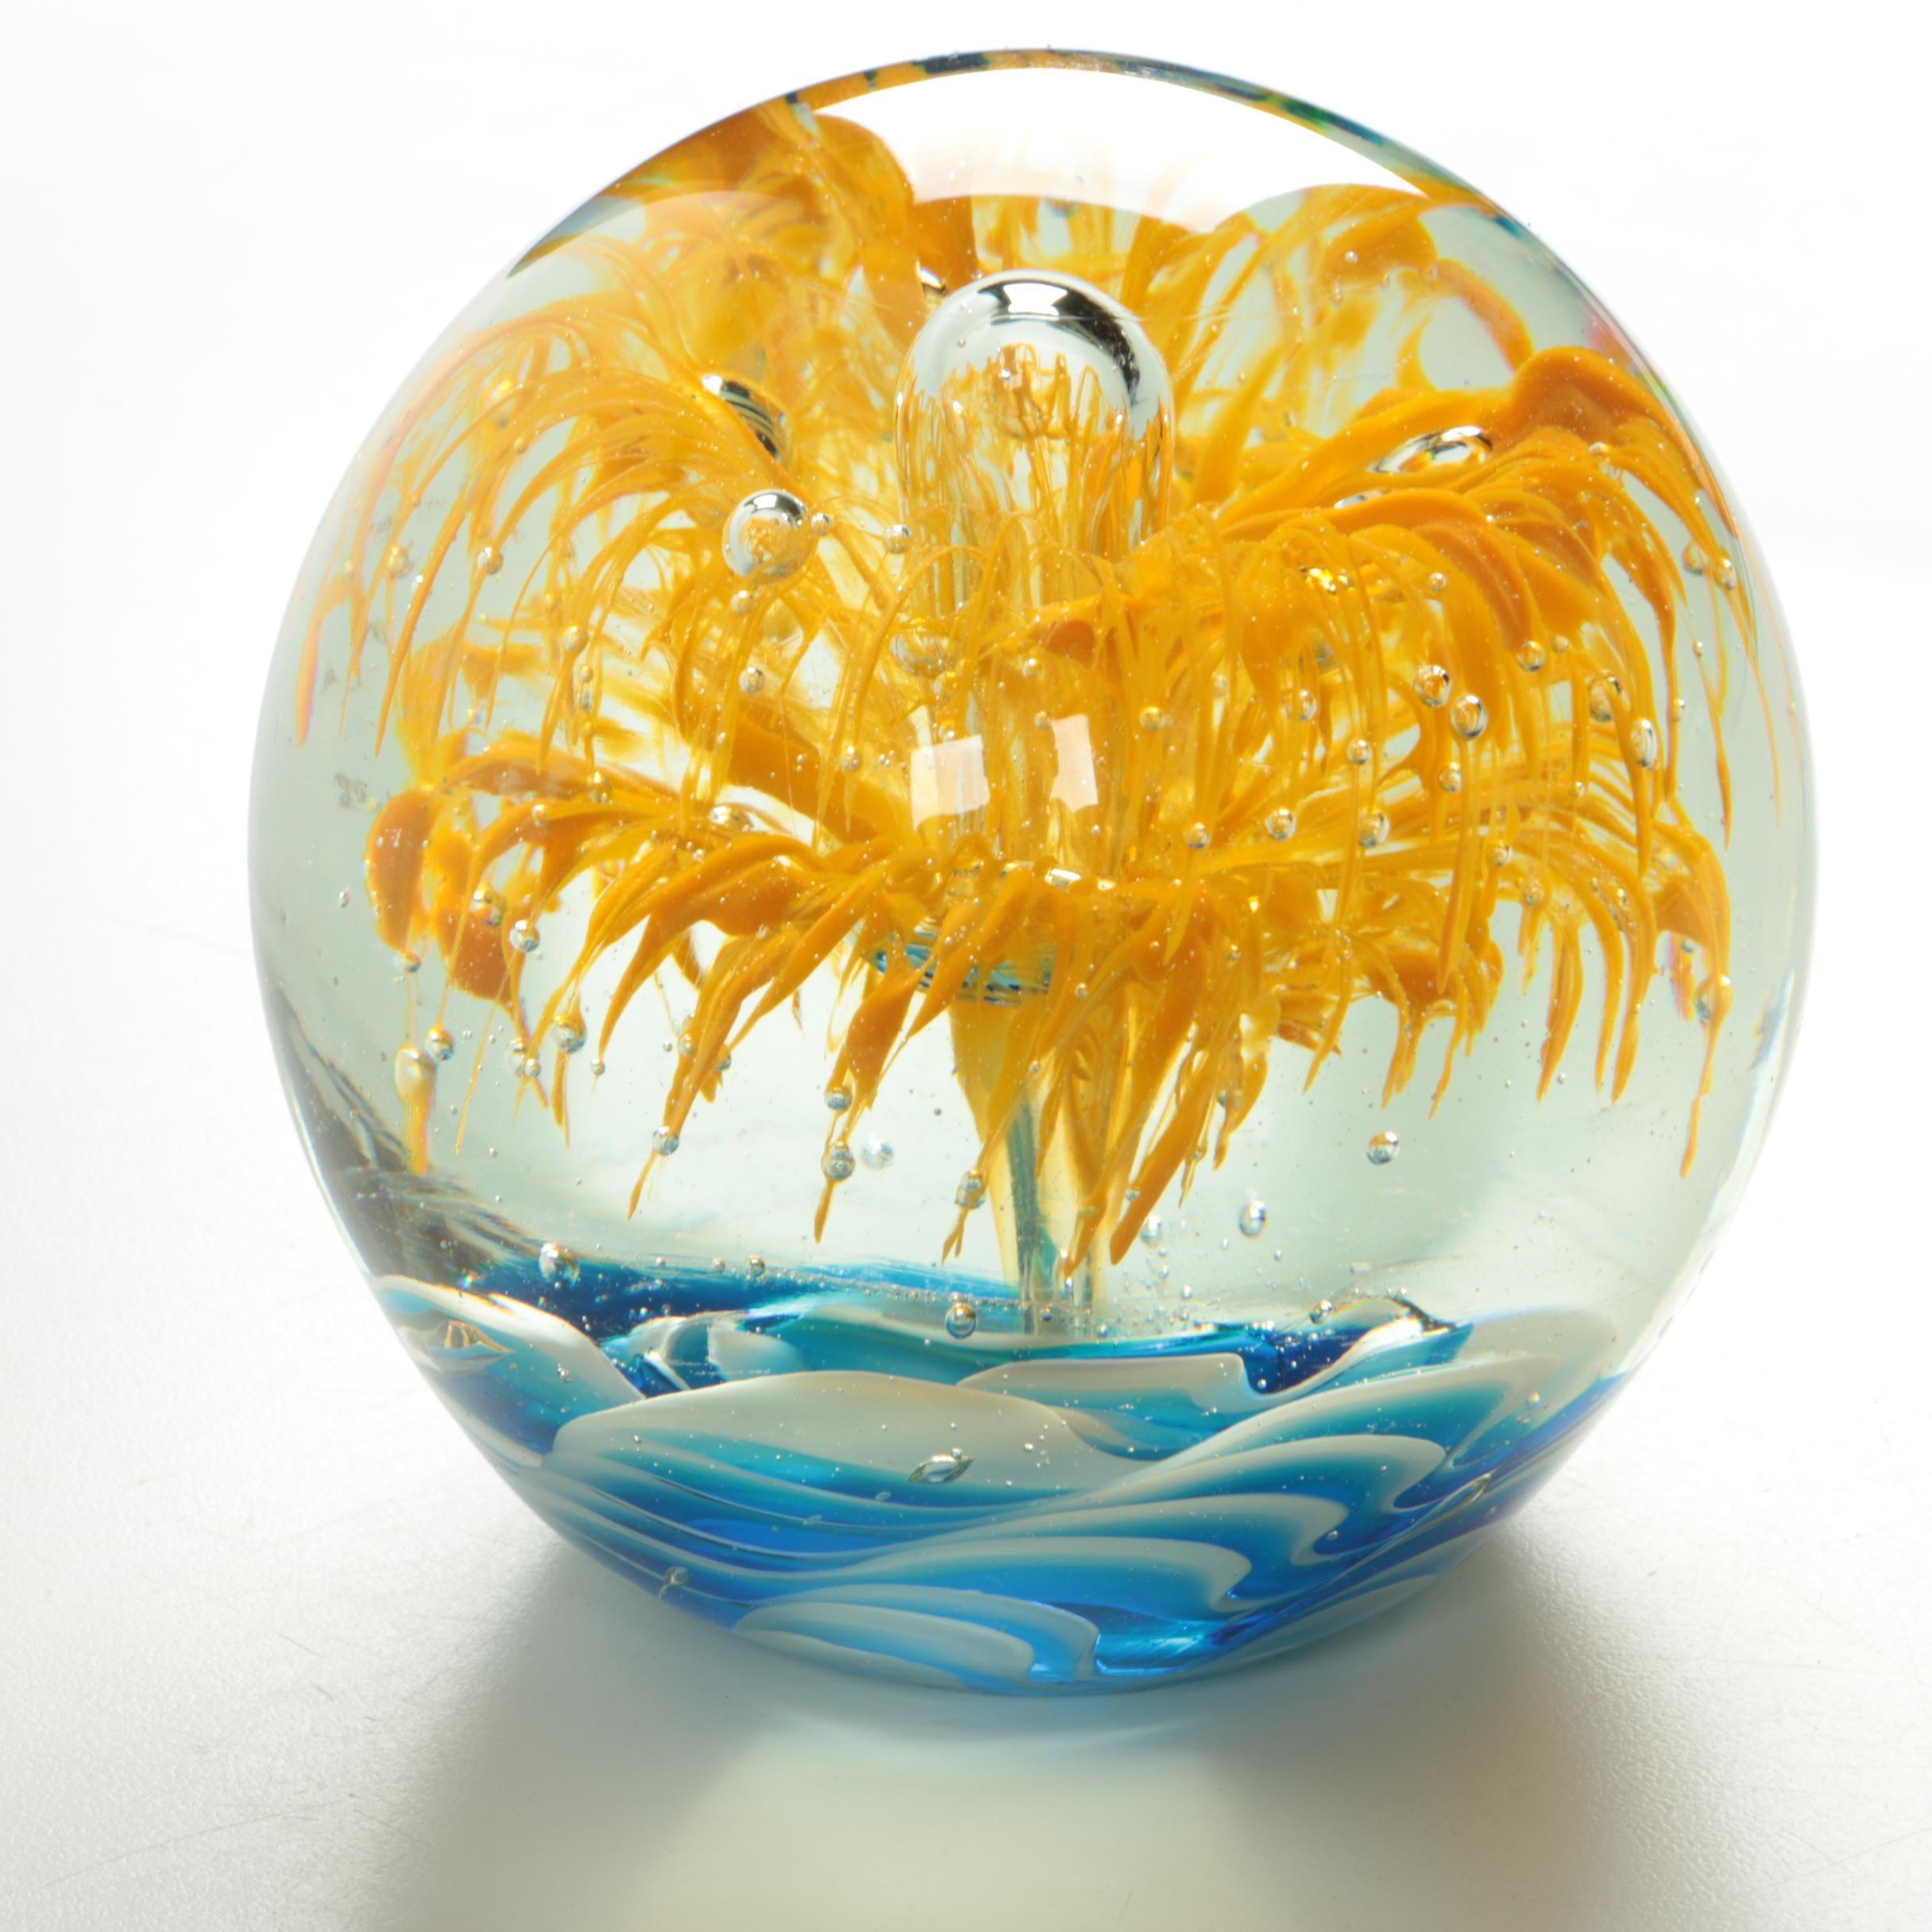 Cristalleria D'arte Art Glass Paperweight